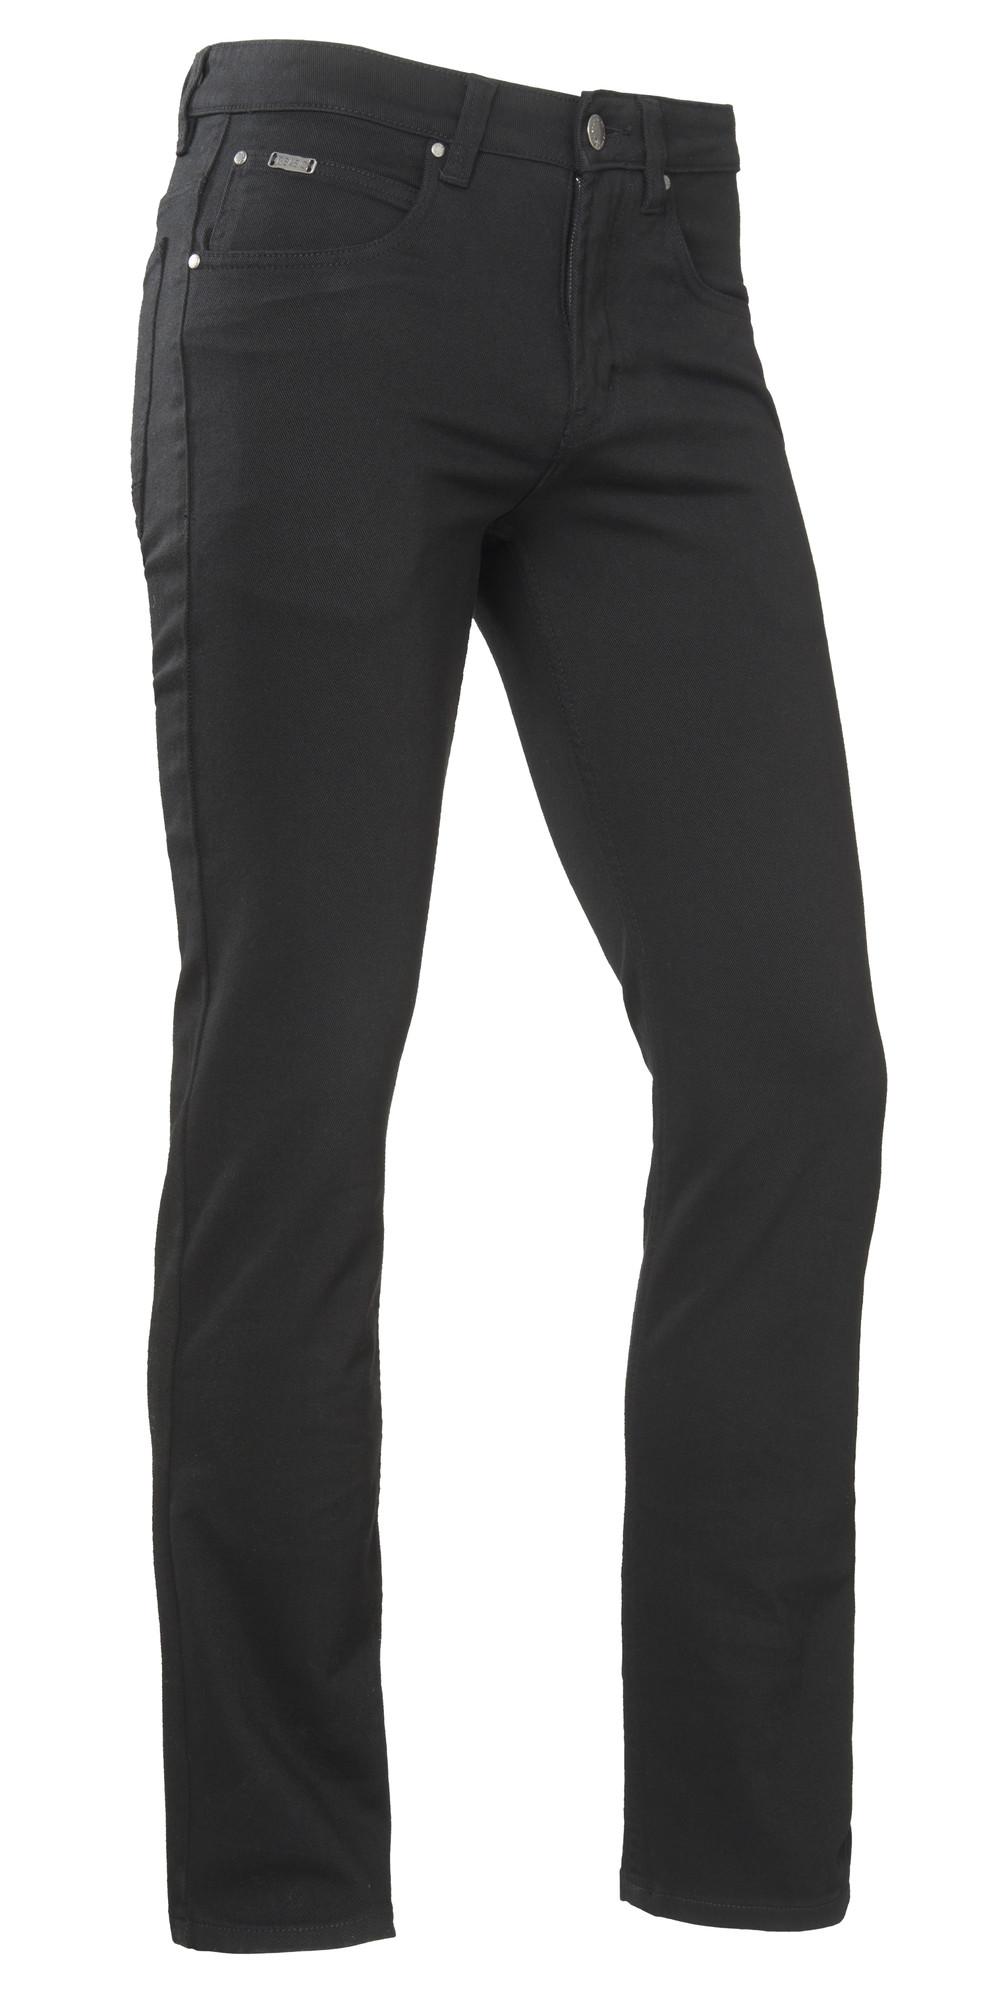 Brams Paris Danny Jeans Stretch (D51 Black Twill) W32-L32